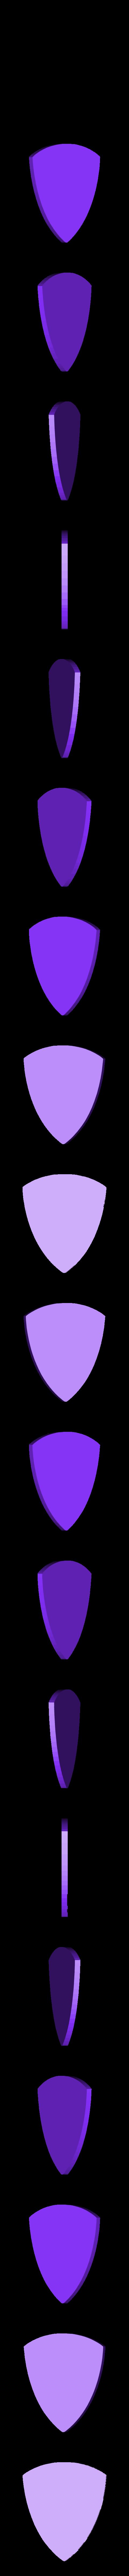 coat_of_arms.stl Télécharger fichier STL gratuit TESLA PORTE-CLÉS • Objet imprimable en 3D, Gophy